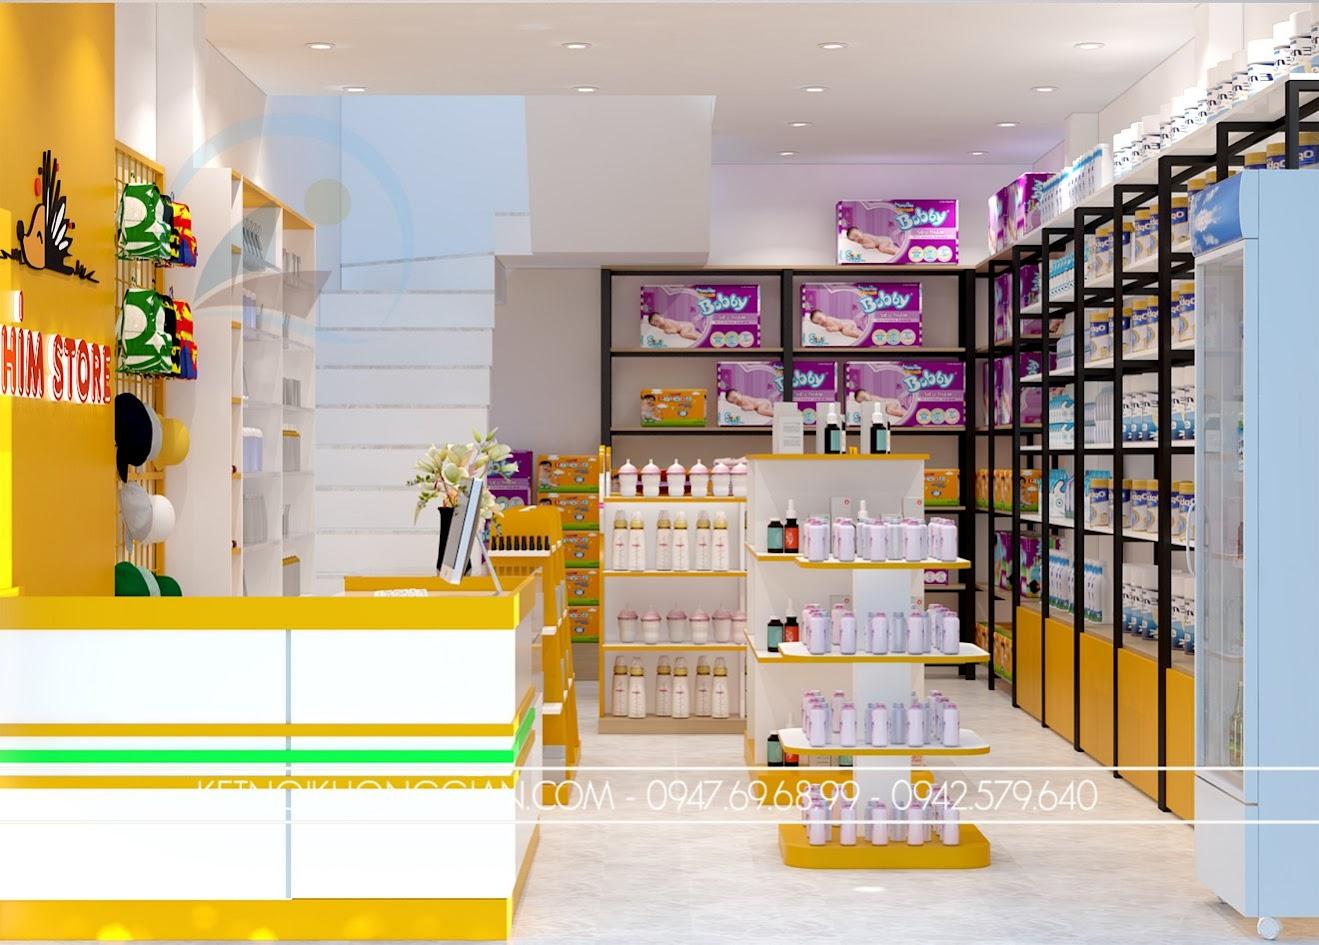 thiết kế shop mẹ và bé nhím store 3